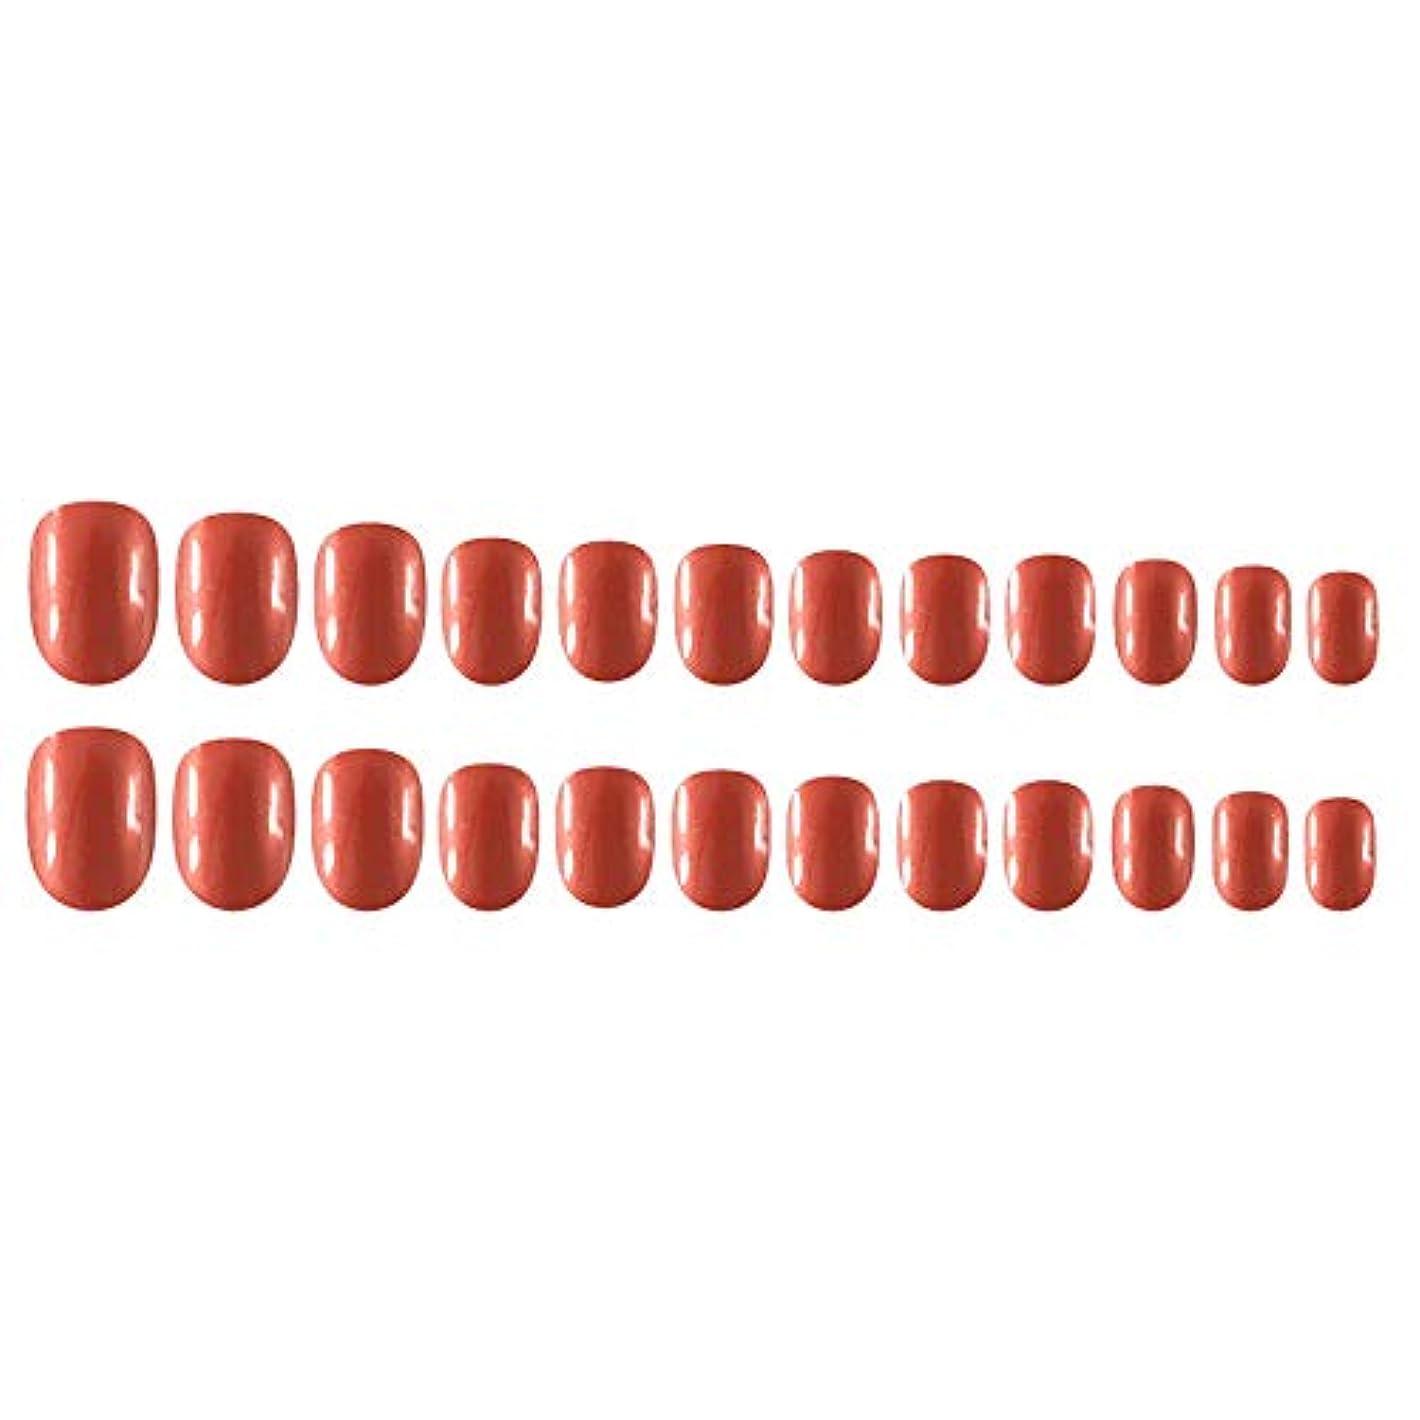 免除引退する禁じるDecdeal Decdeal ネイルチップ 24ピース 12異なるサイズ diy サロン ネイルアートツール 偽